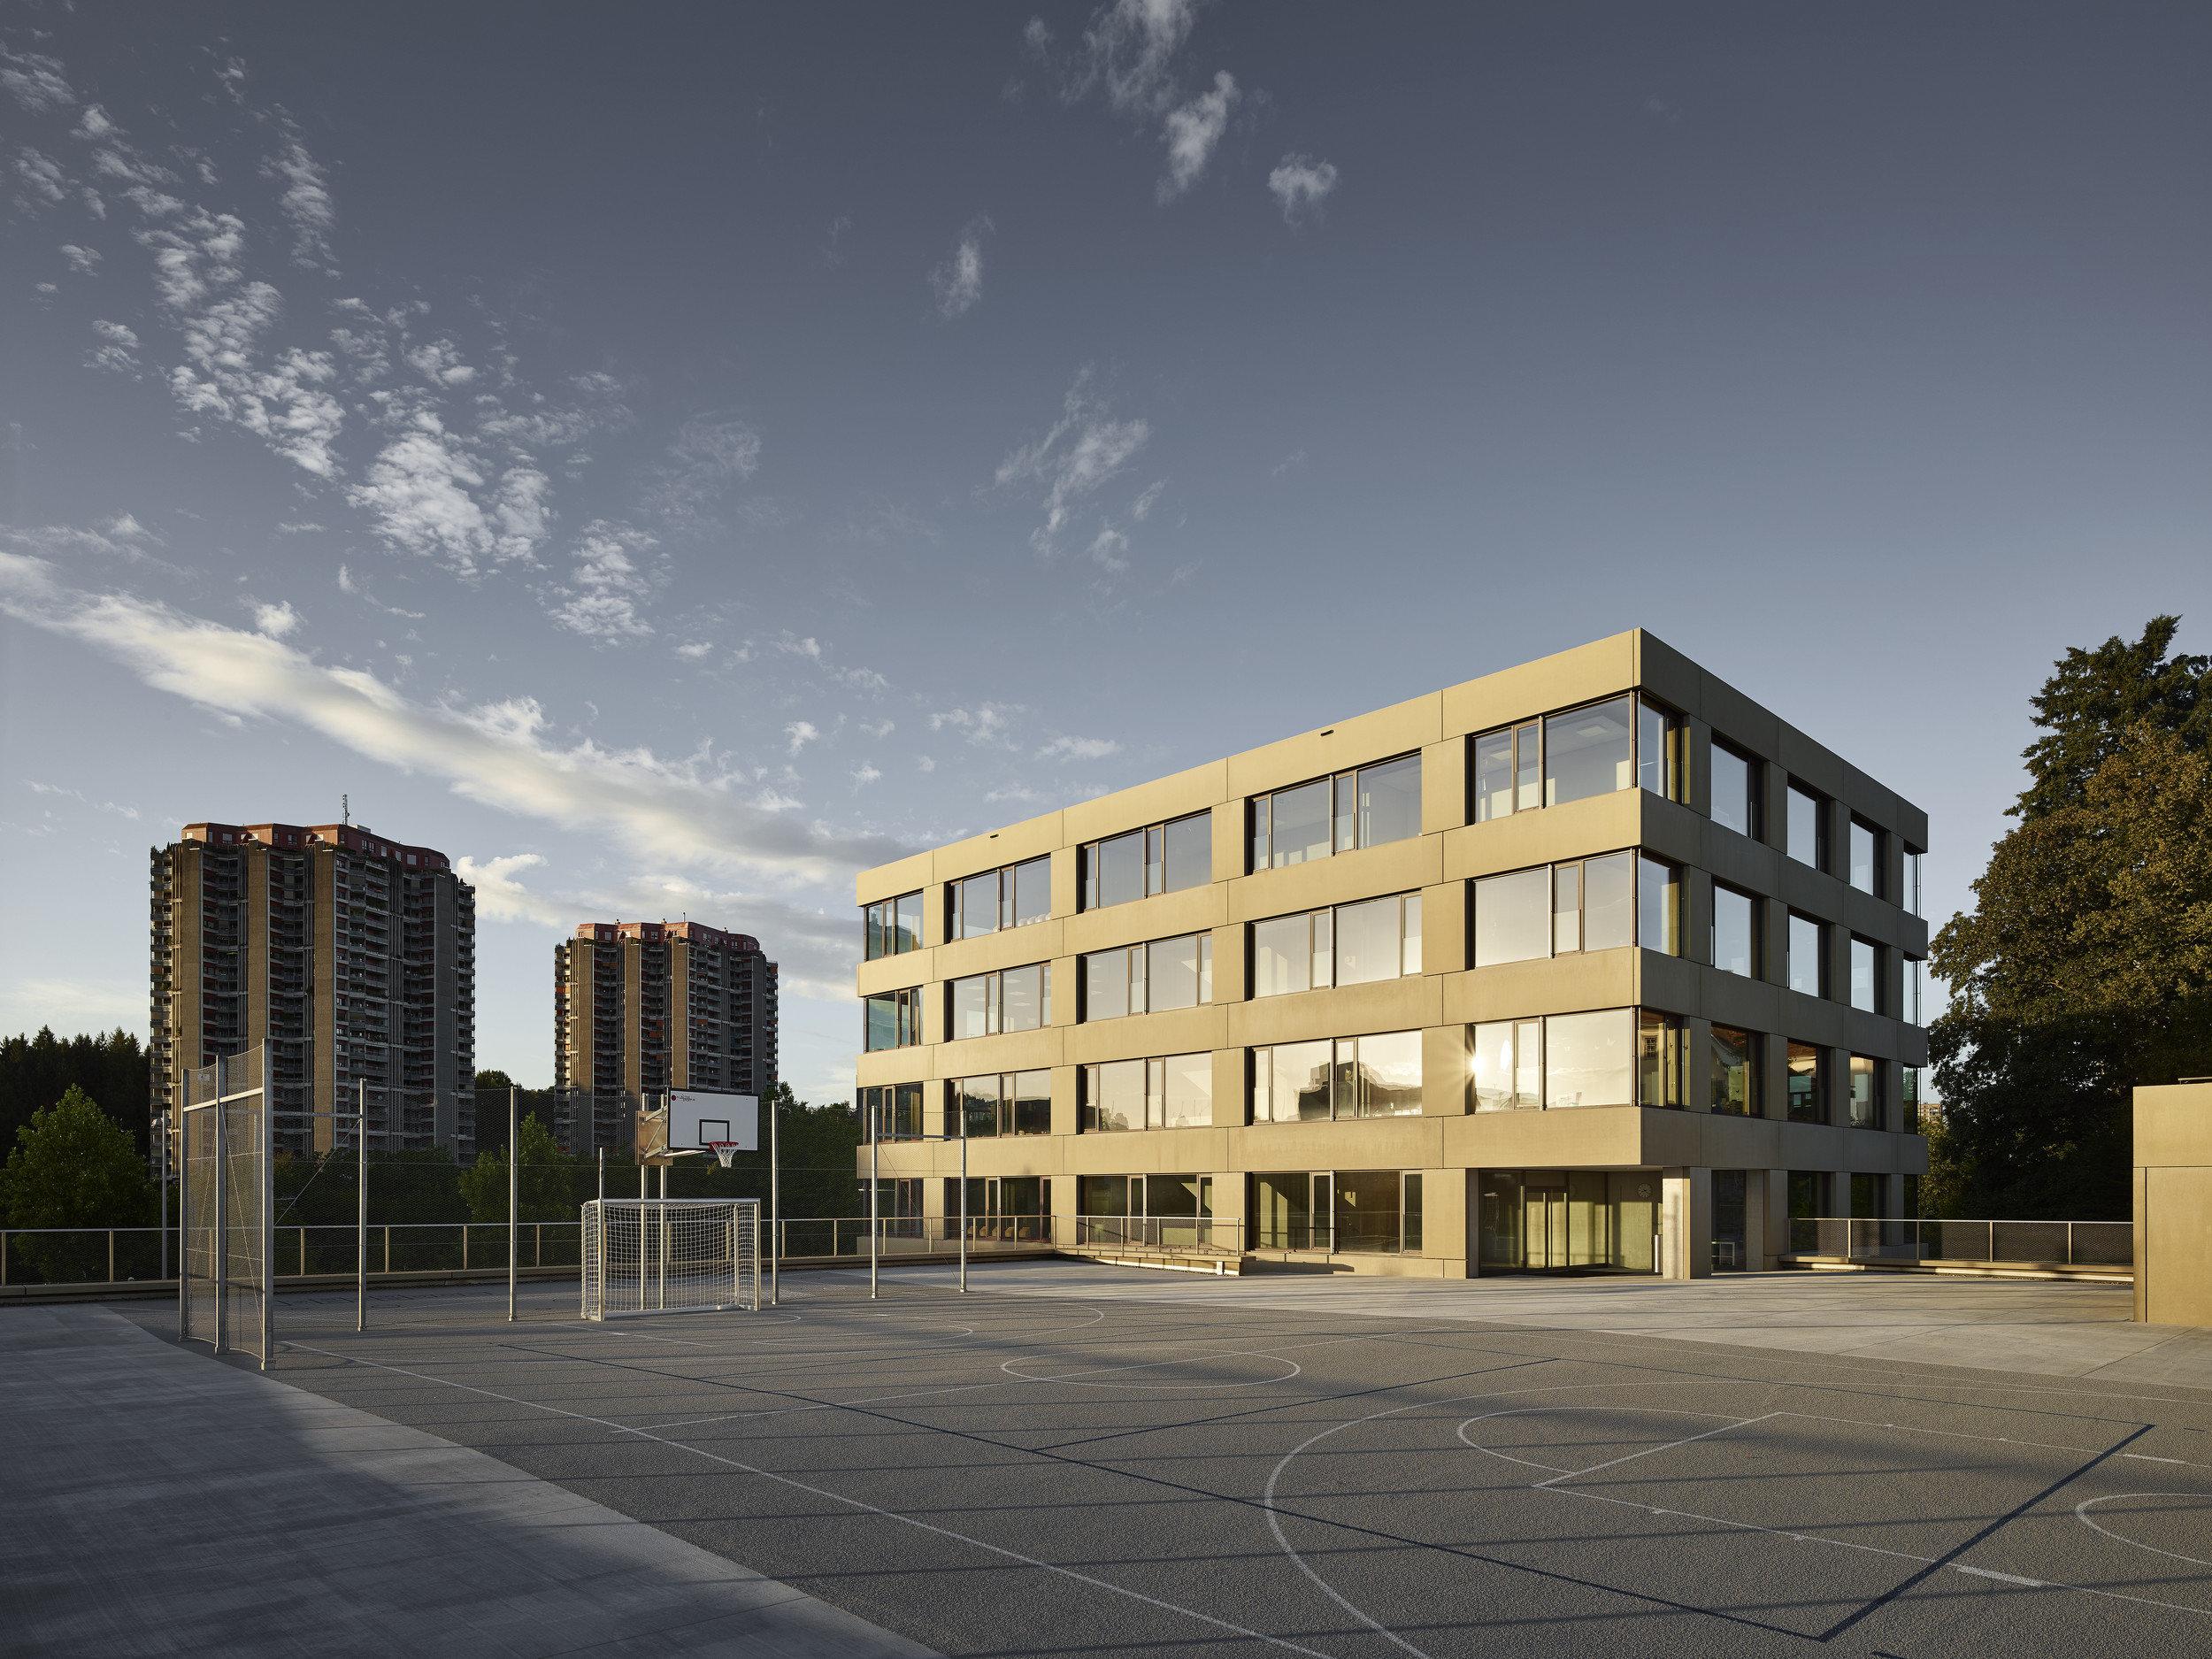 Schulgebäude auf allen Seiten mit gleichen Fenstern und Fassade